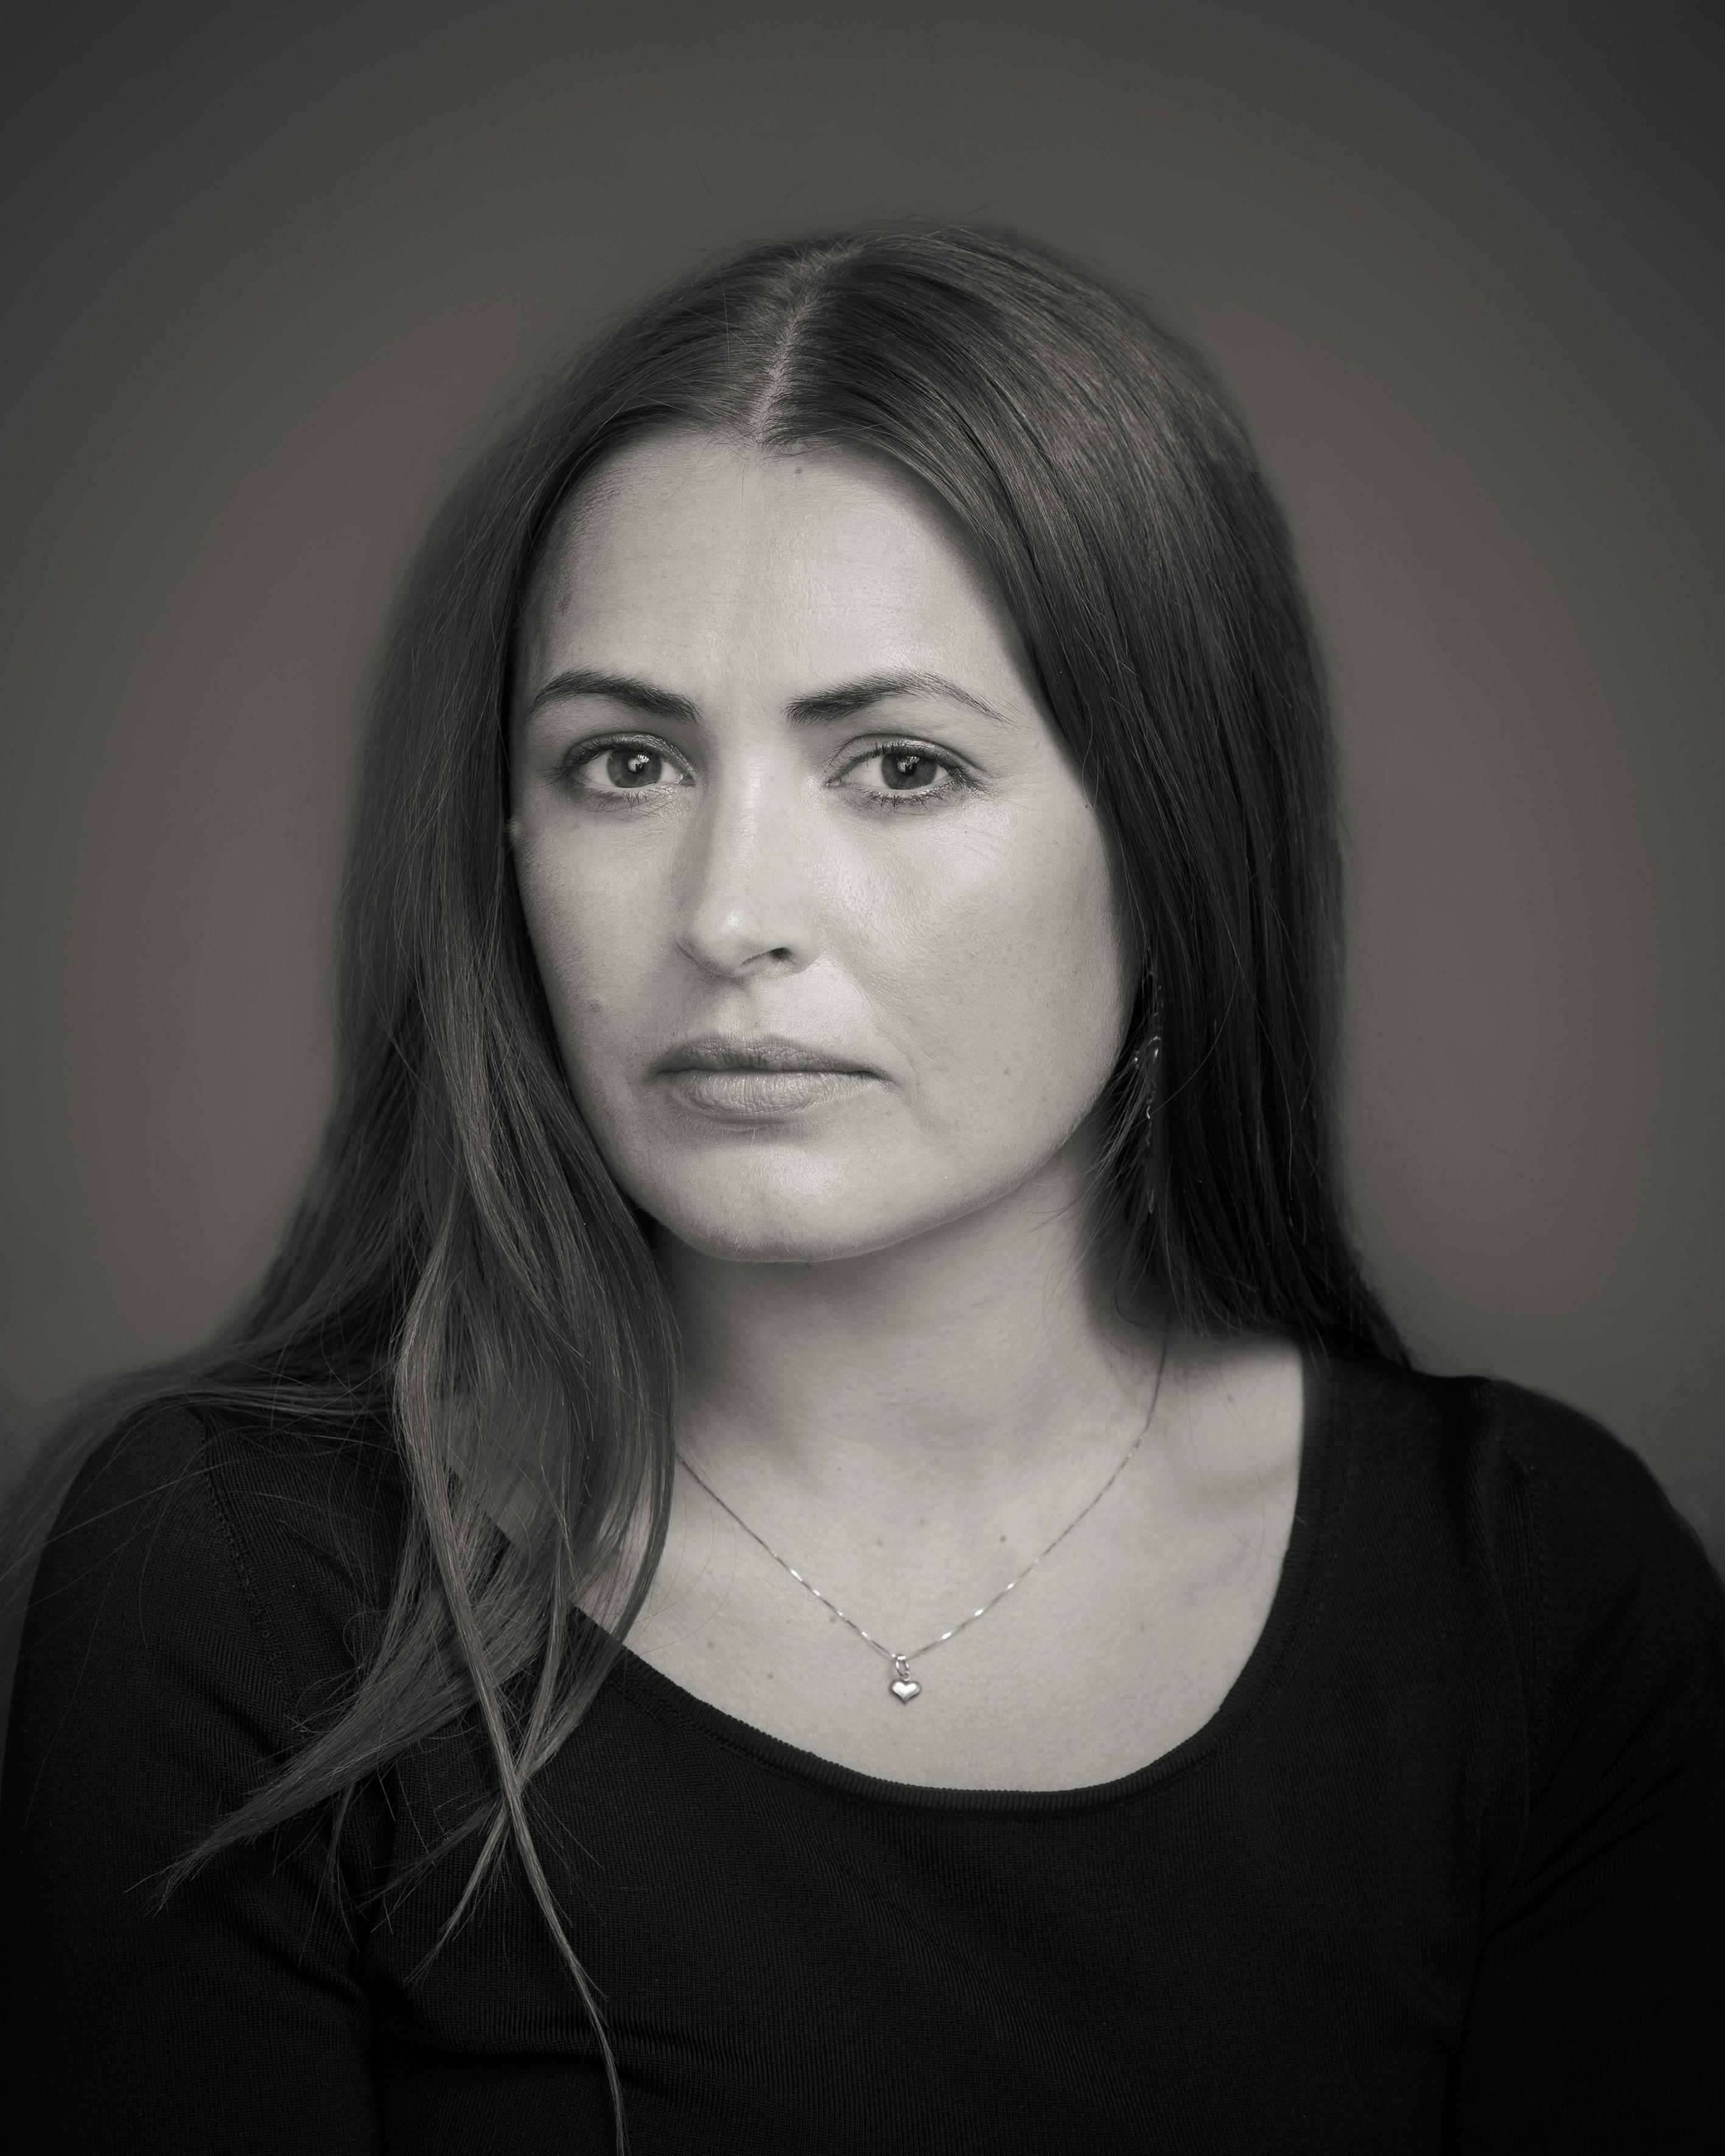 Hannah Modigh